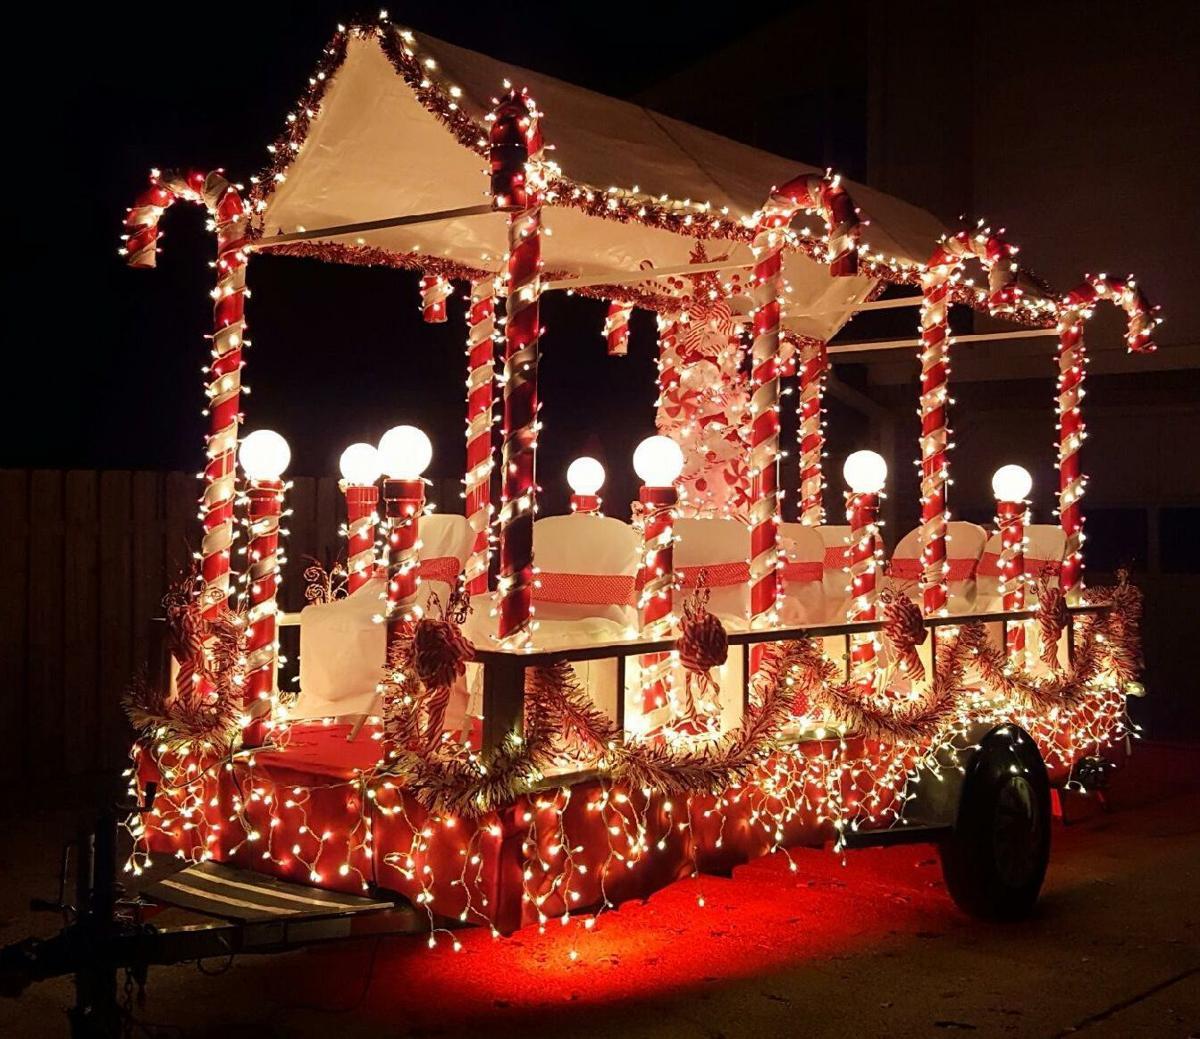 Christmas Canton Parade 2020 Canton Ga Christmas Parade 2020 | Gvdesm.econewyear.site